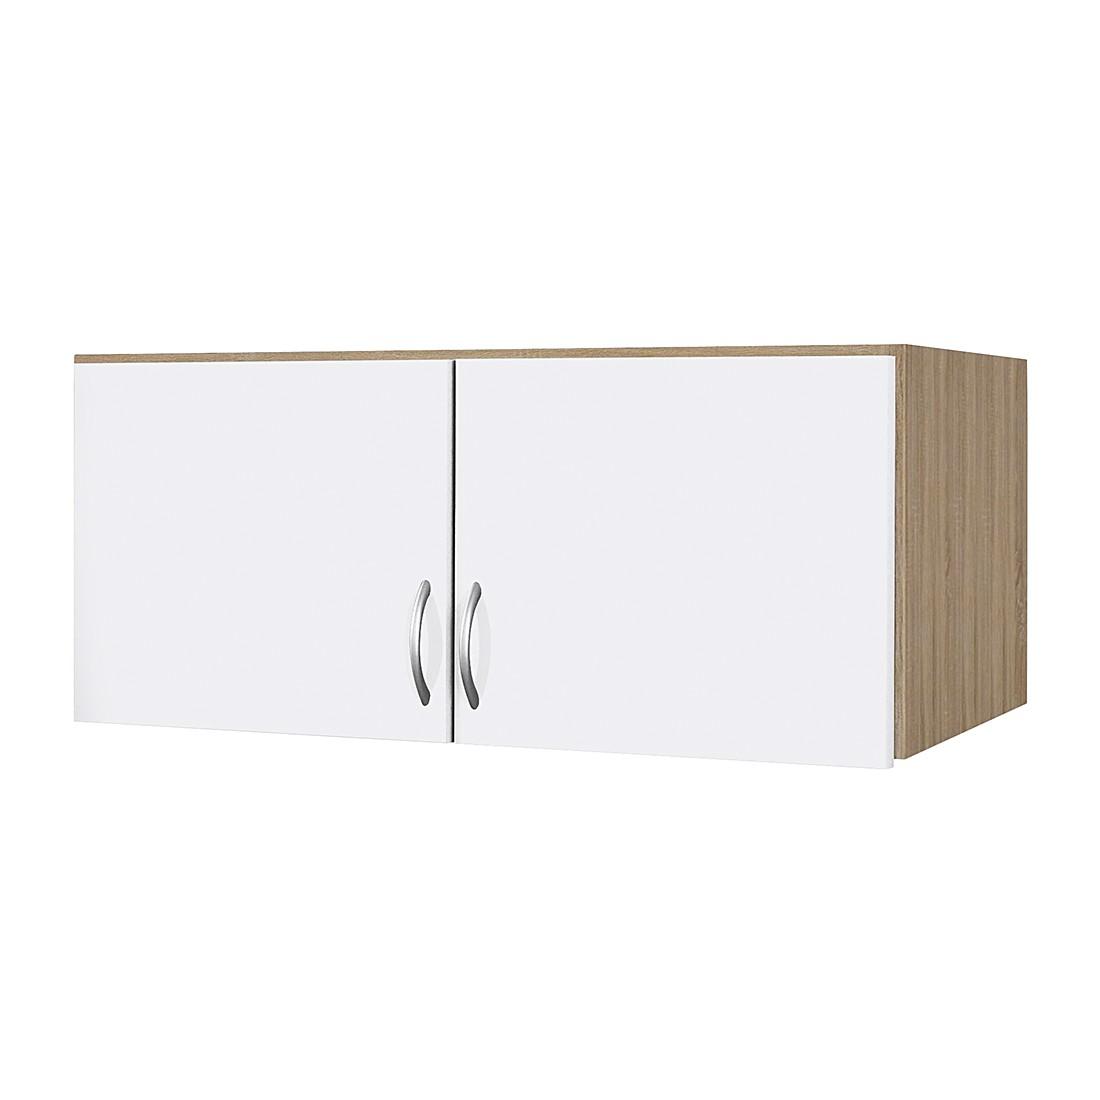 Schrankaufsatz Case - Alpinweiß/Sonoma Eiche Dekor (Aufsatzbreite: 136 cm - 3-türig)